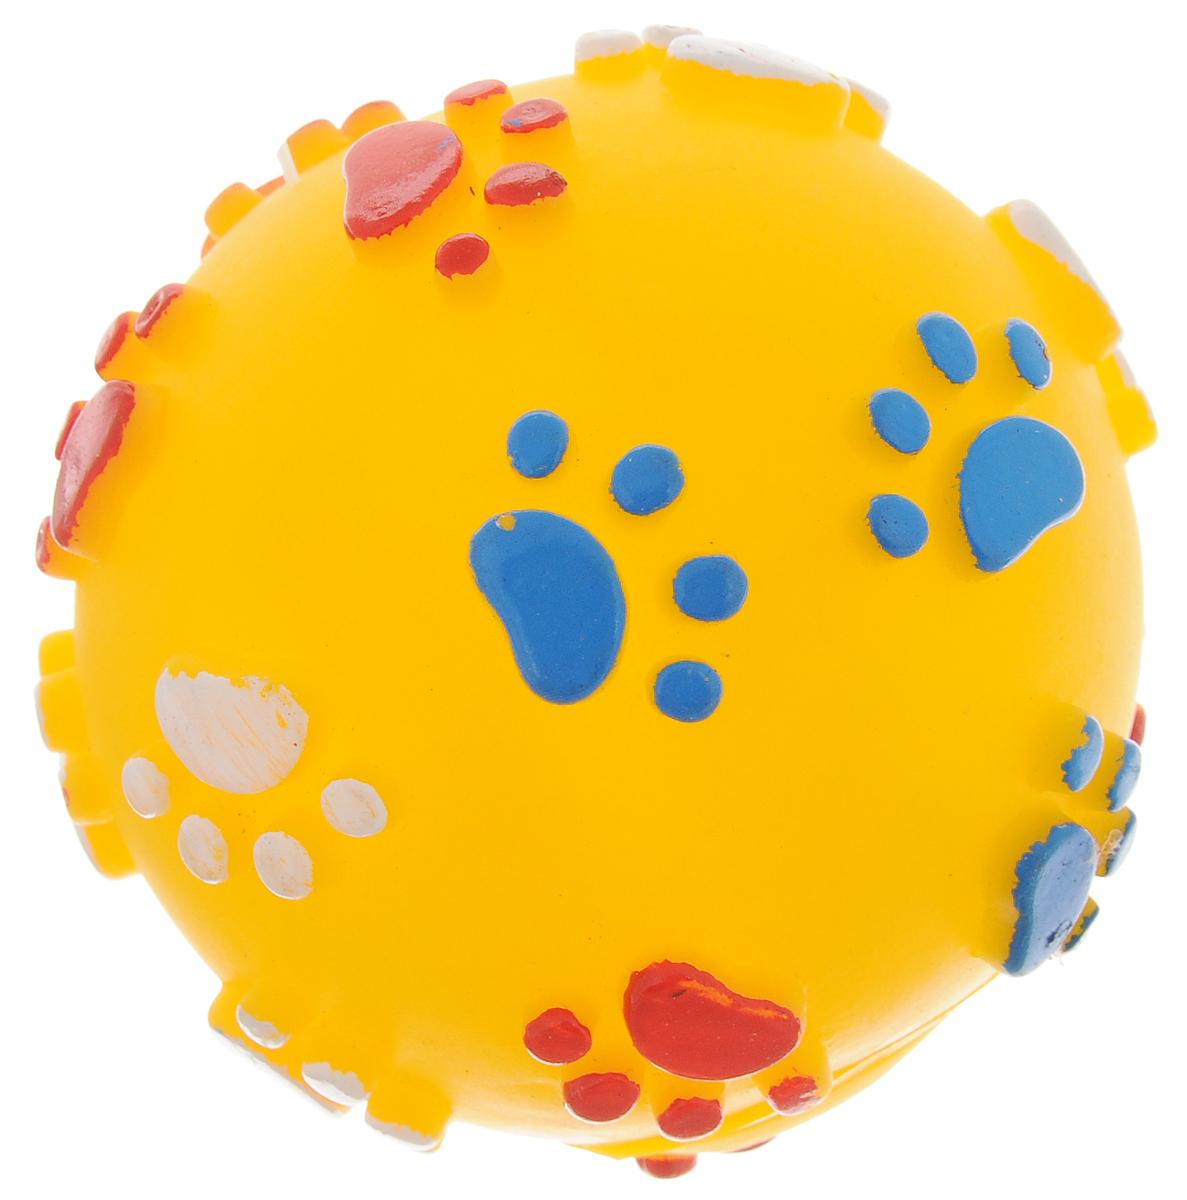 Игрушка для собак Каскад Мяч. Лапки, цвет: желтый, диаметр 7 см0120710Игрушка для собак Каскад Мяч. Лапки изготовлена из мягкой и прочной безопасной резины, устойчивой к разгрызанию. Игрушка снабжена пищалкой и украшена рельефом в виде разноцветных лапок. Изделие отличается прочностью и в то же время гибкостью и эластичностью. Необычная и забавная игрушка прекрасно подойдет для игр вашей собаки.